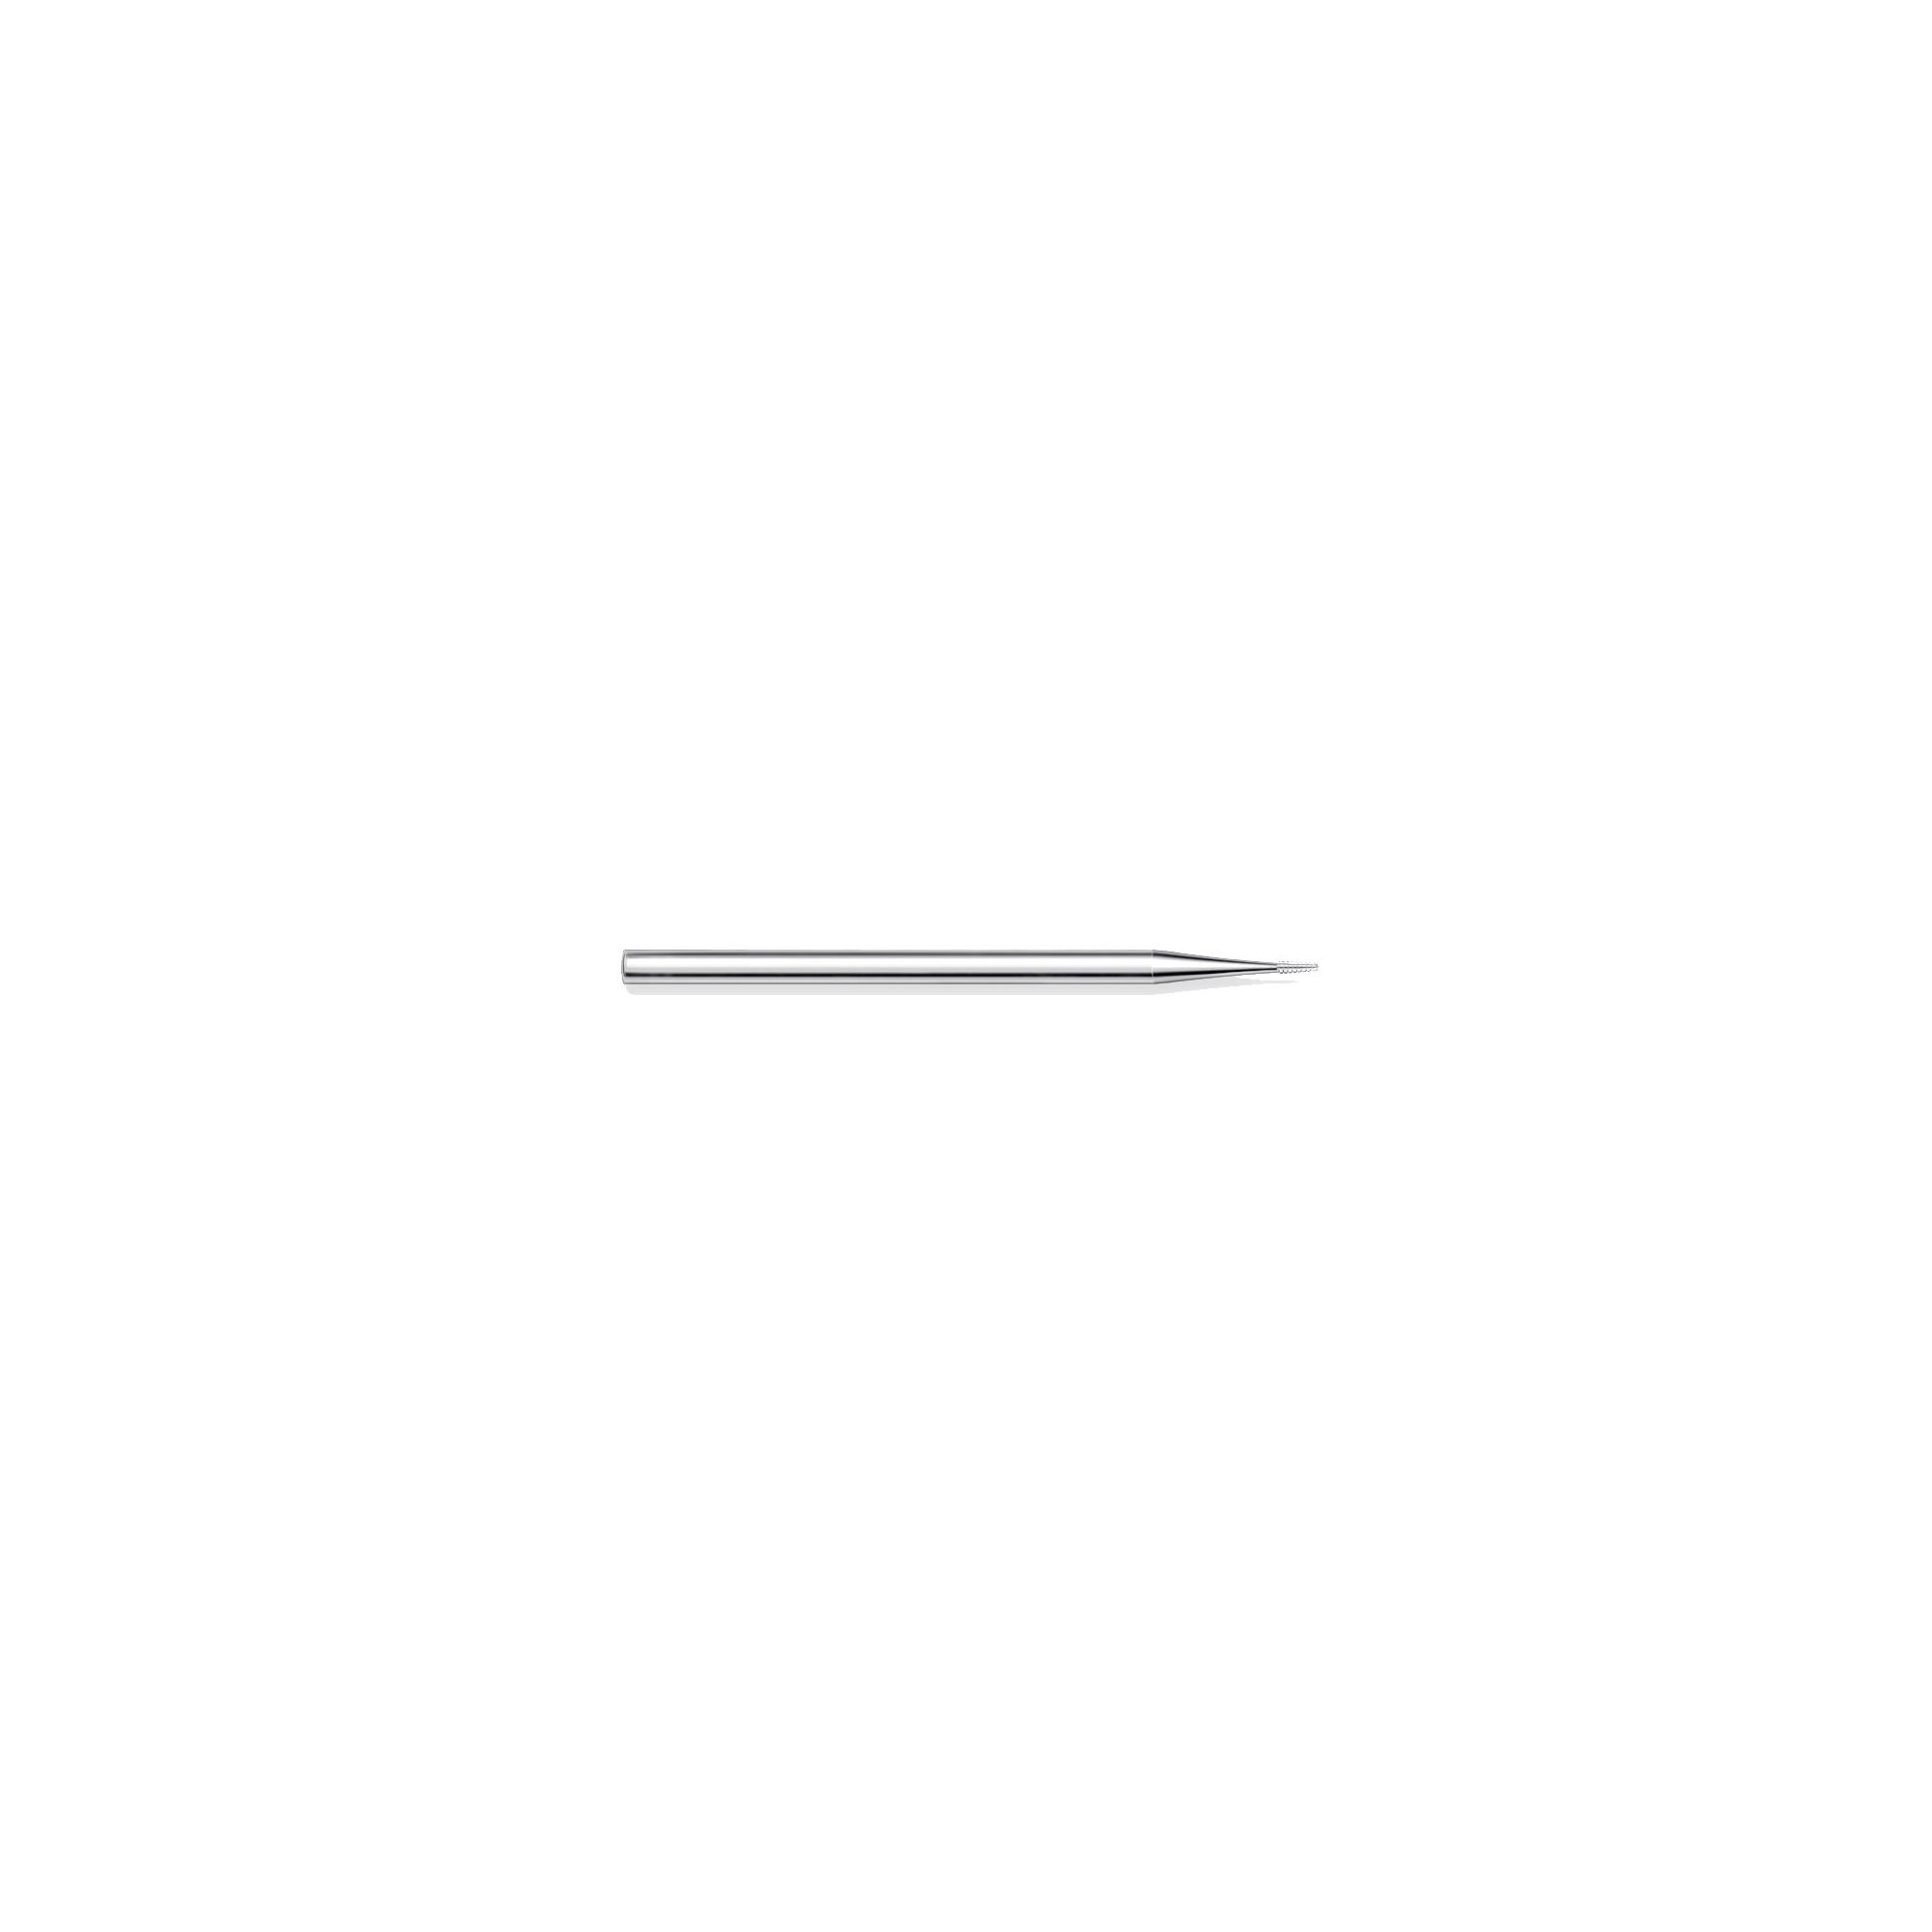 Fraise 39RS - Acier inoxydable - Traitement efficace de l'ongle - 6 mm